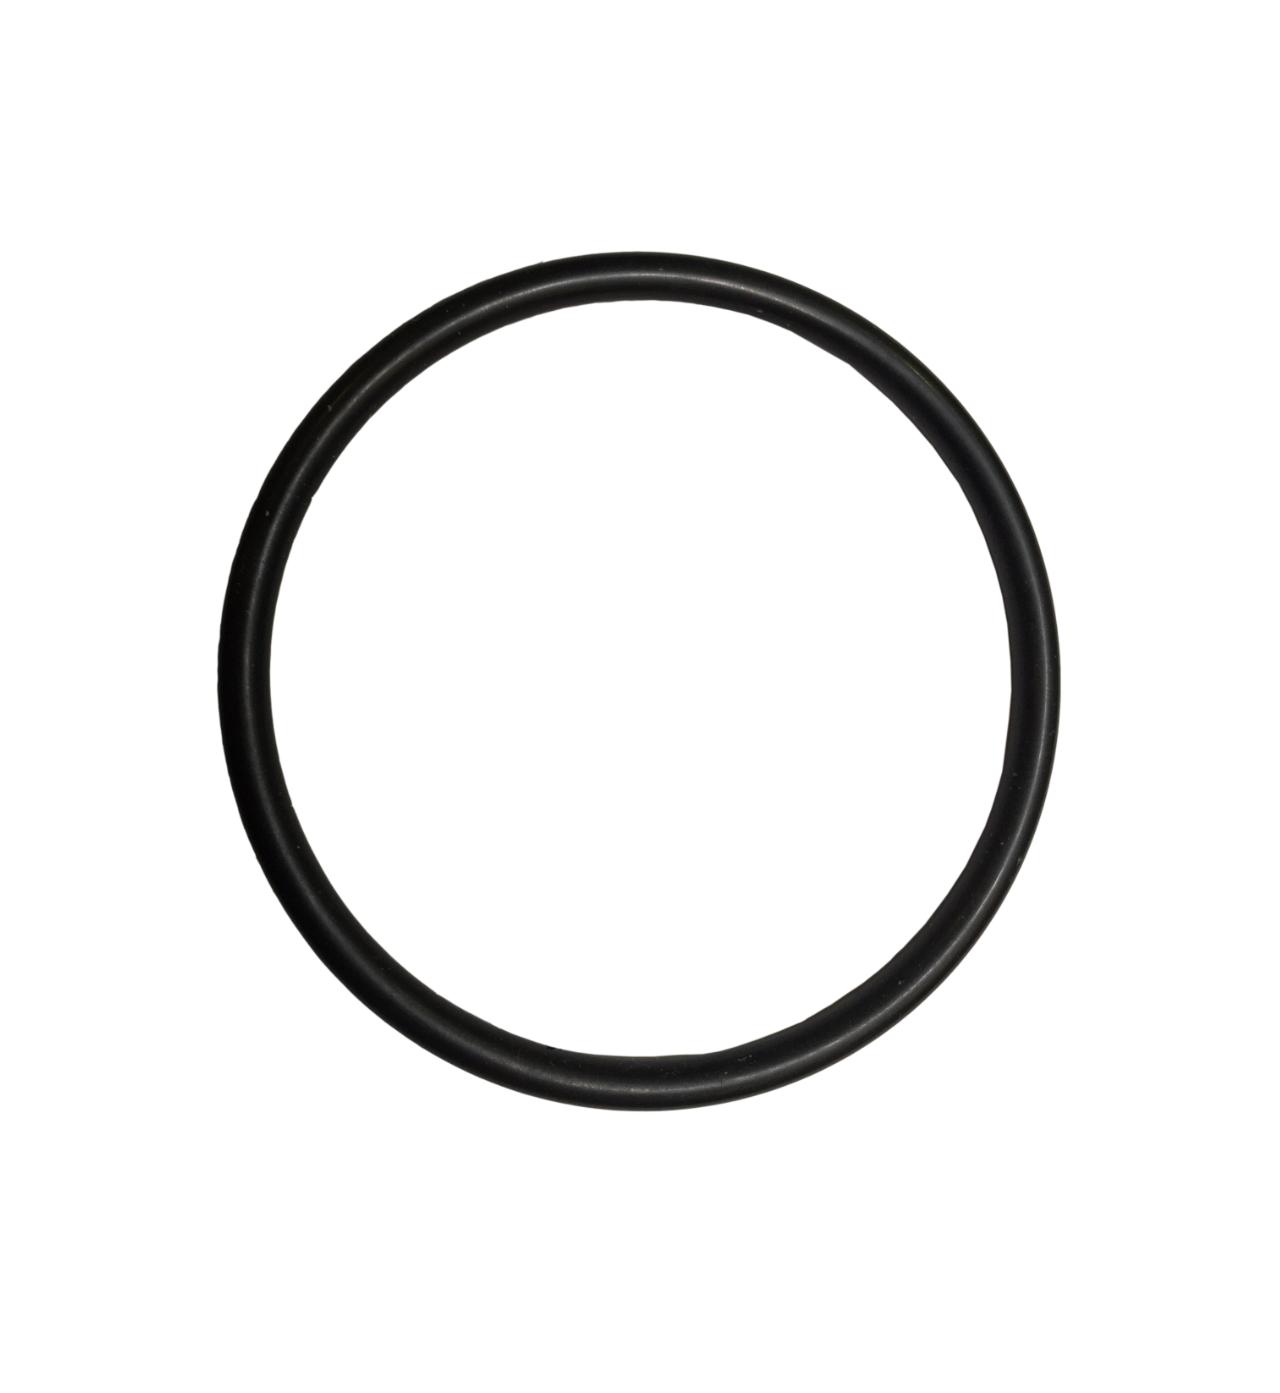 o ring active erektionspump